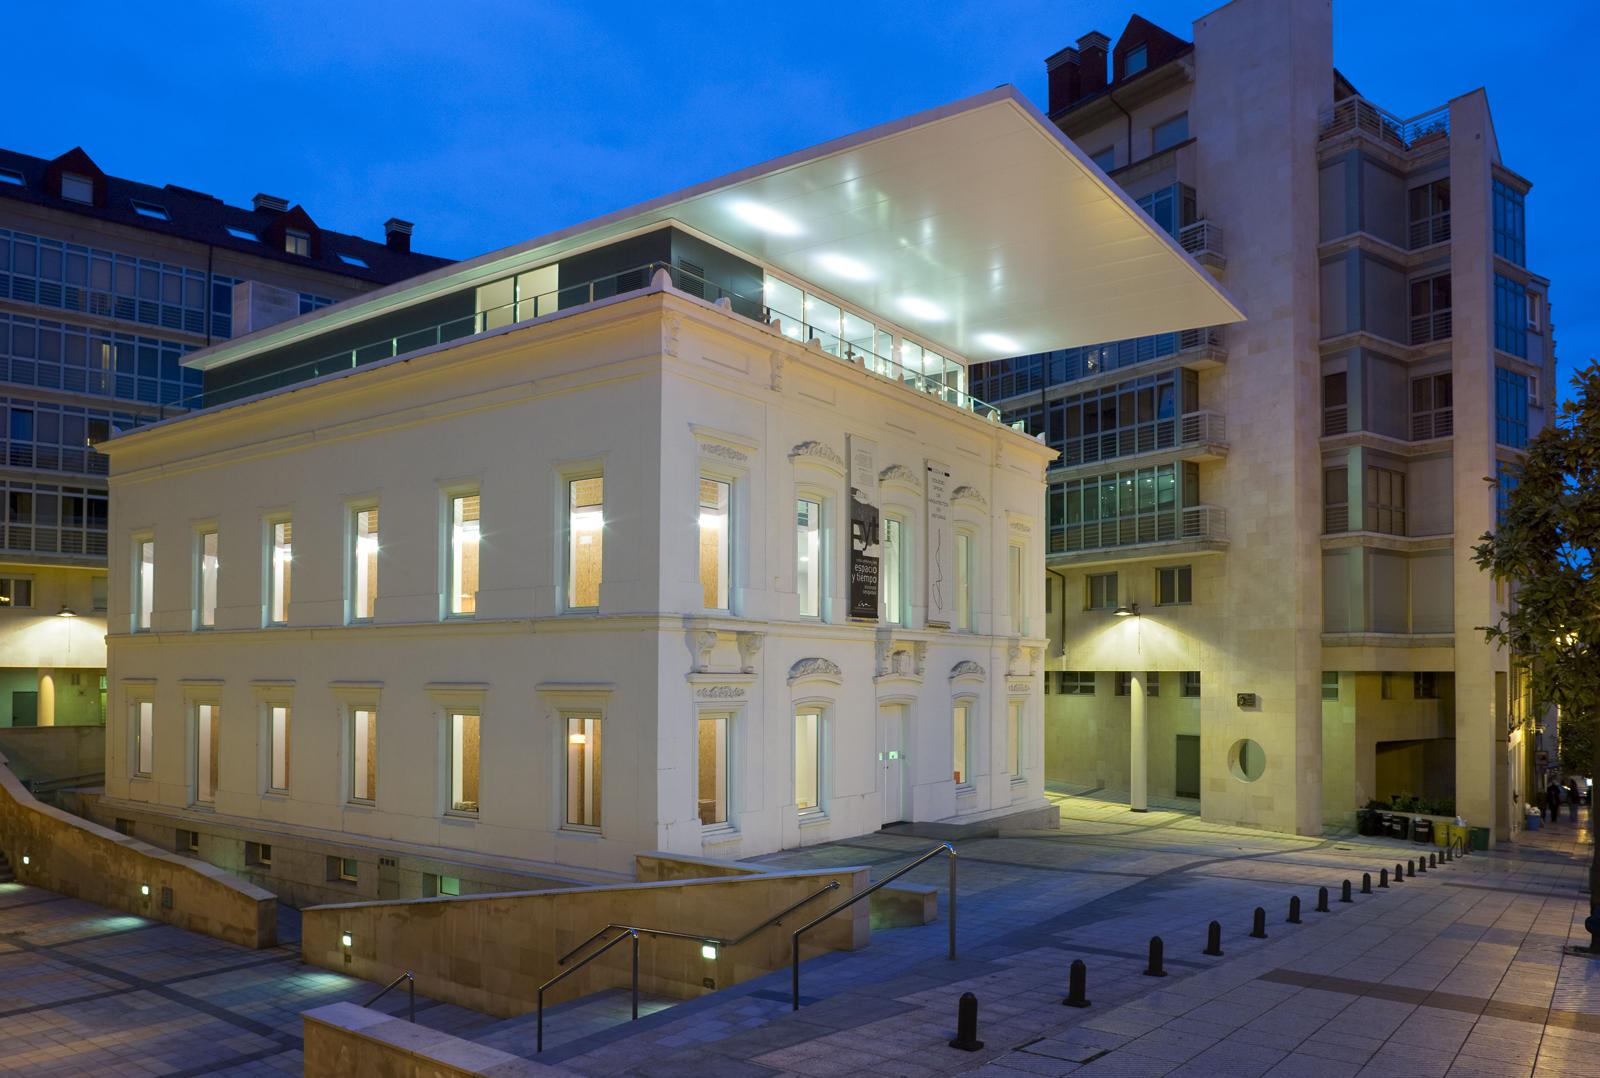 Sede del colegio oficial de arquitectos de asturias en oviedo a a - Arquitectos en oviedo ...